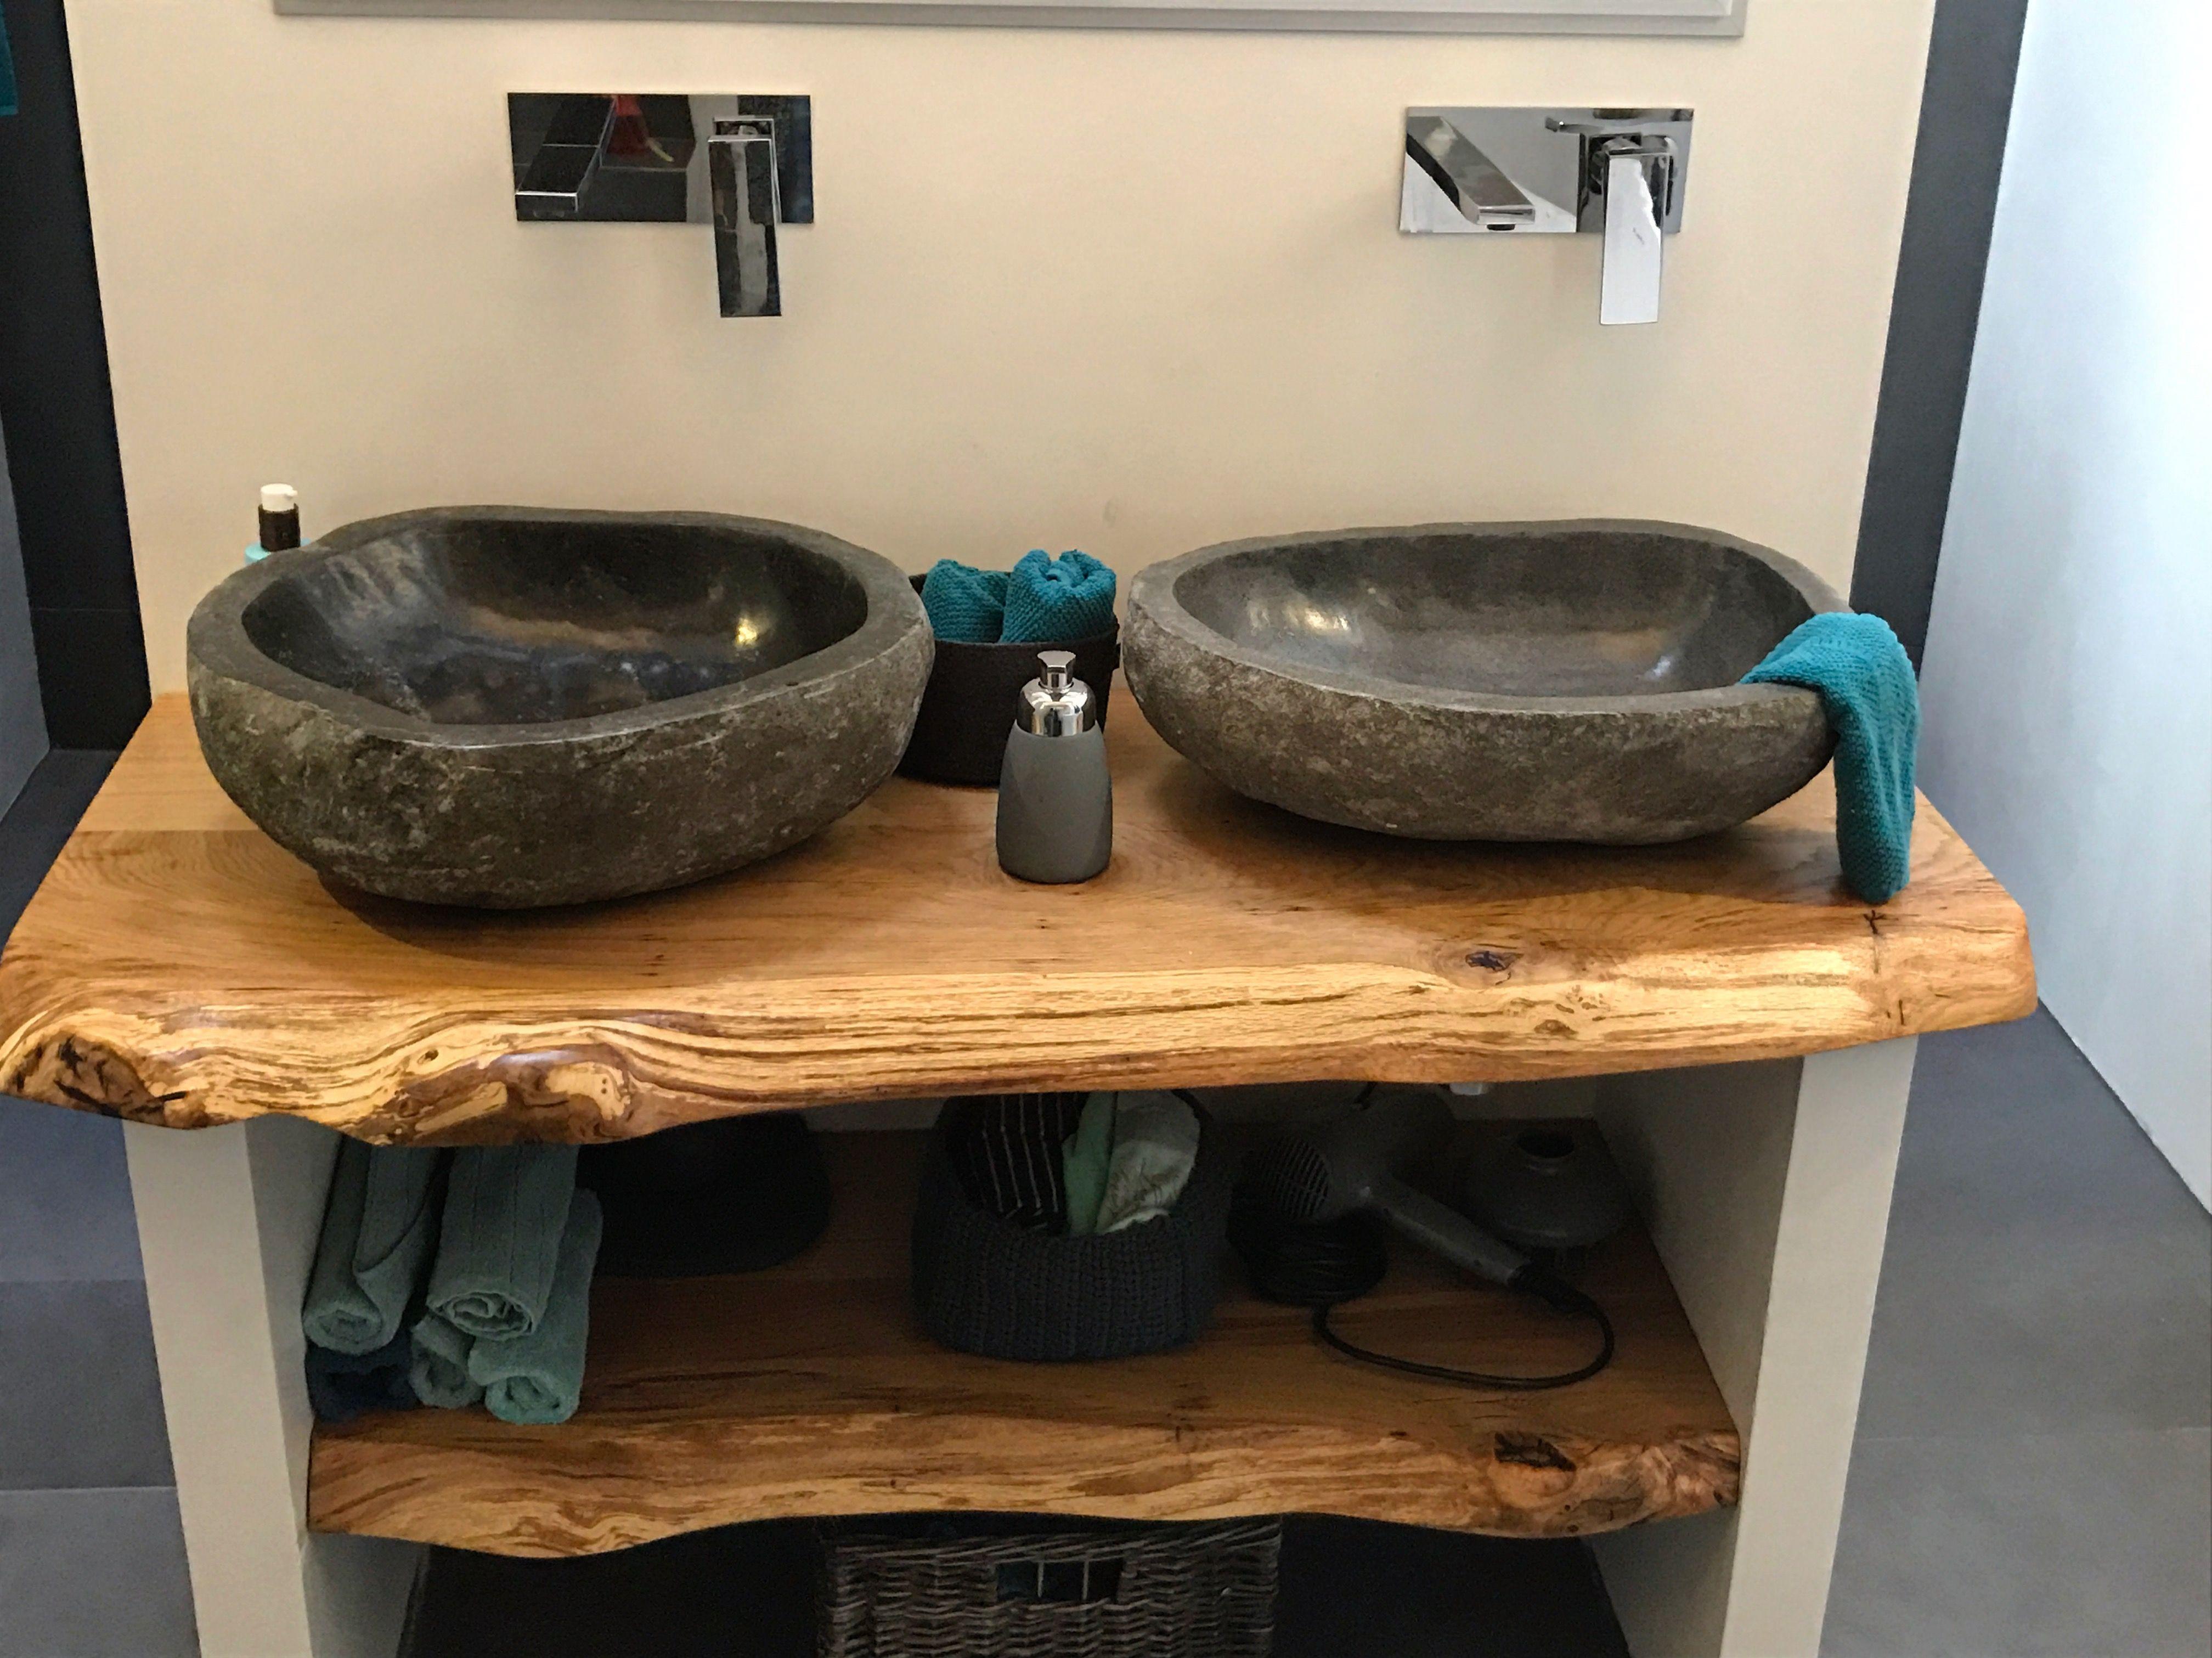 Badezimmer Waschbecken Waschtischplatte Waschtisch Aus Eichenholz Mit Naturkante Www Holzwerk Ha Waschtischplatte Badezimmer Waschbecken Waschtisch Holz